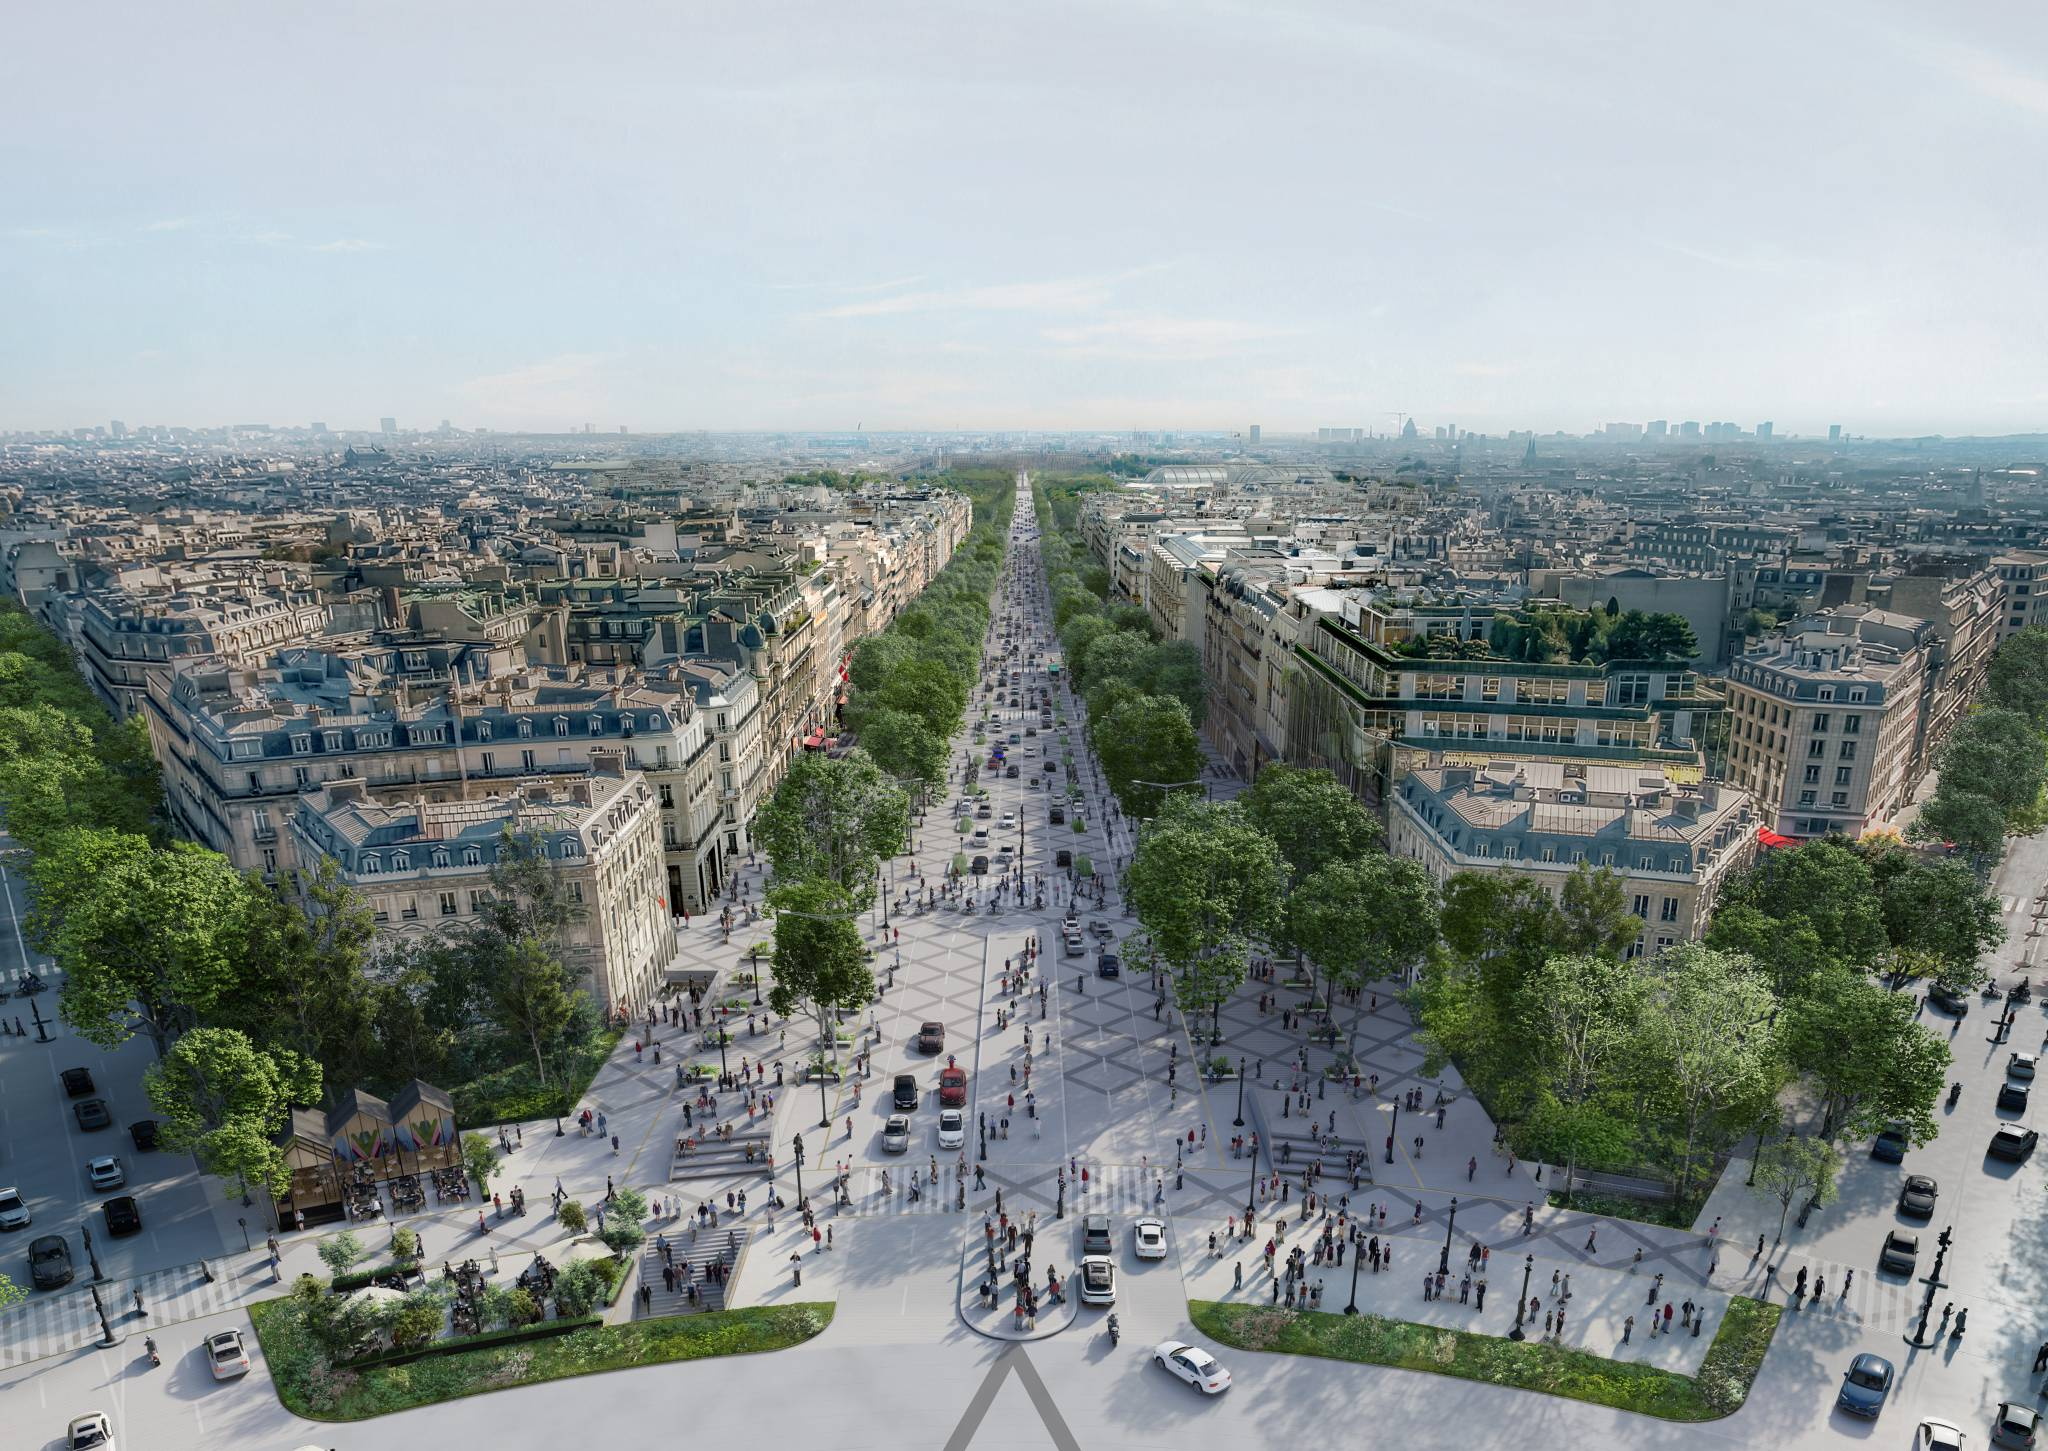 Champs-Élysées jako miejski ogród? Oto jak zmieni się najpopularniejsza ulica Paryża